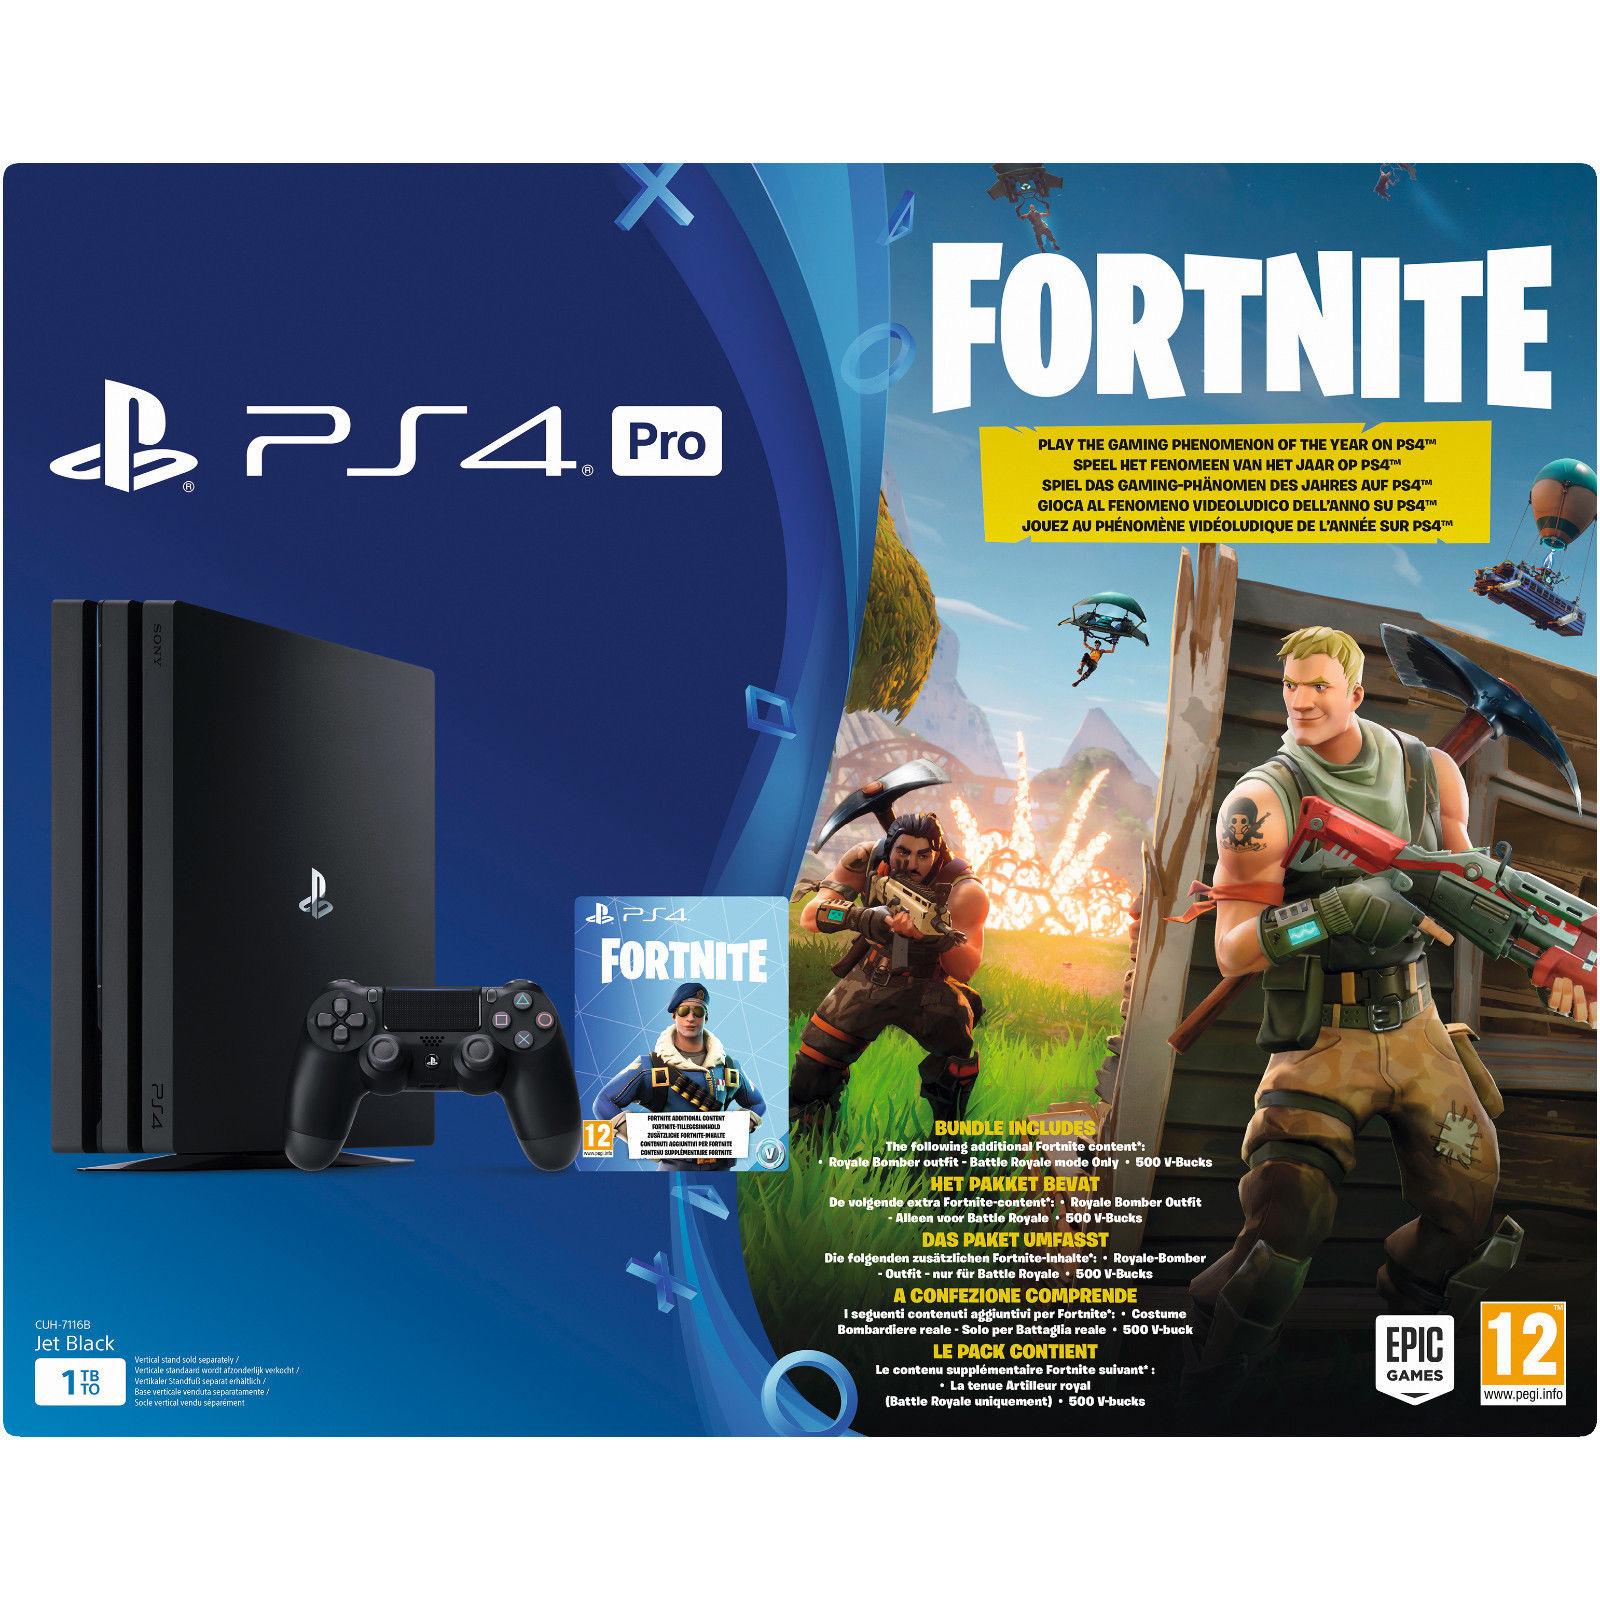 Ebay Mediamarkt Sony Playstation 4 Ps4 Pro 1tb Fortnite Royal